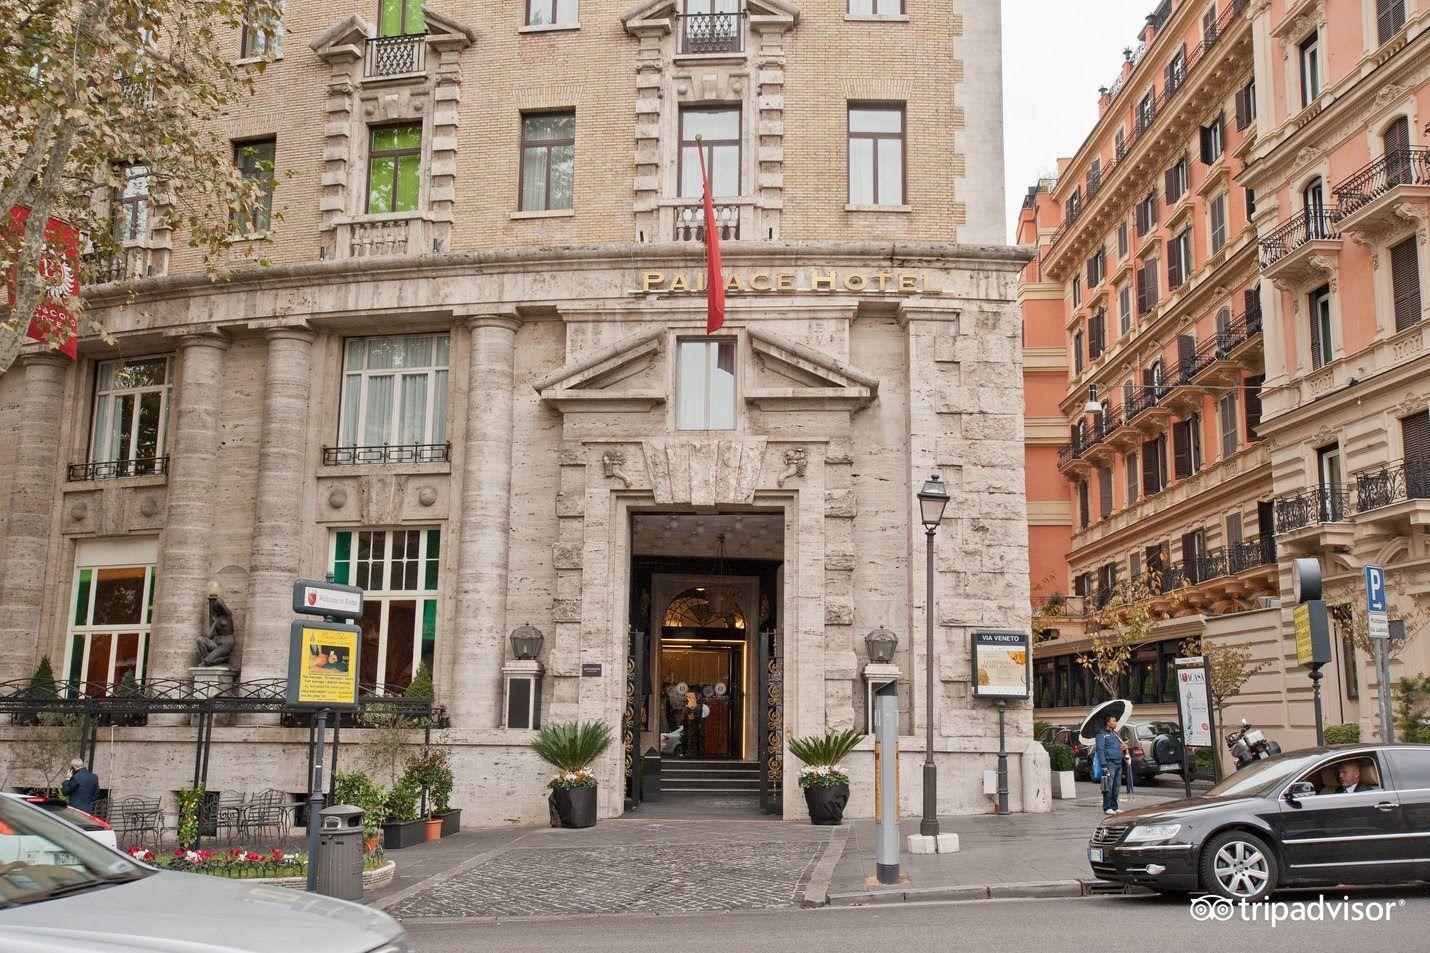 Grand Hotel Palace Rome Italy Grand Hotel Rome Italy